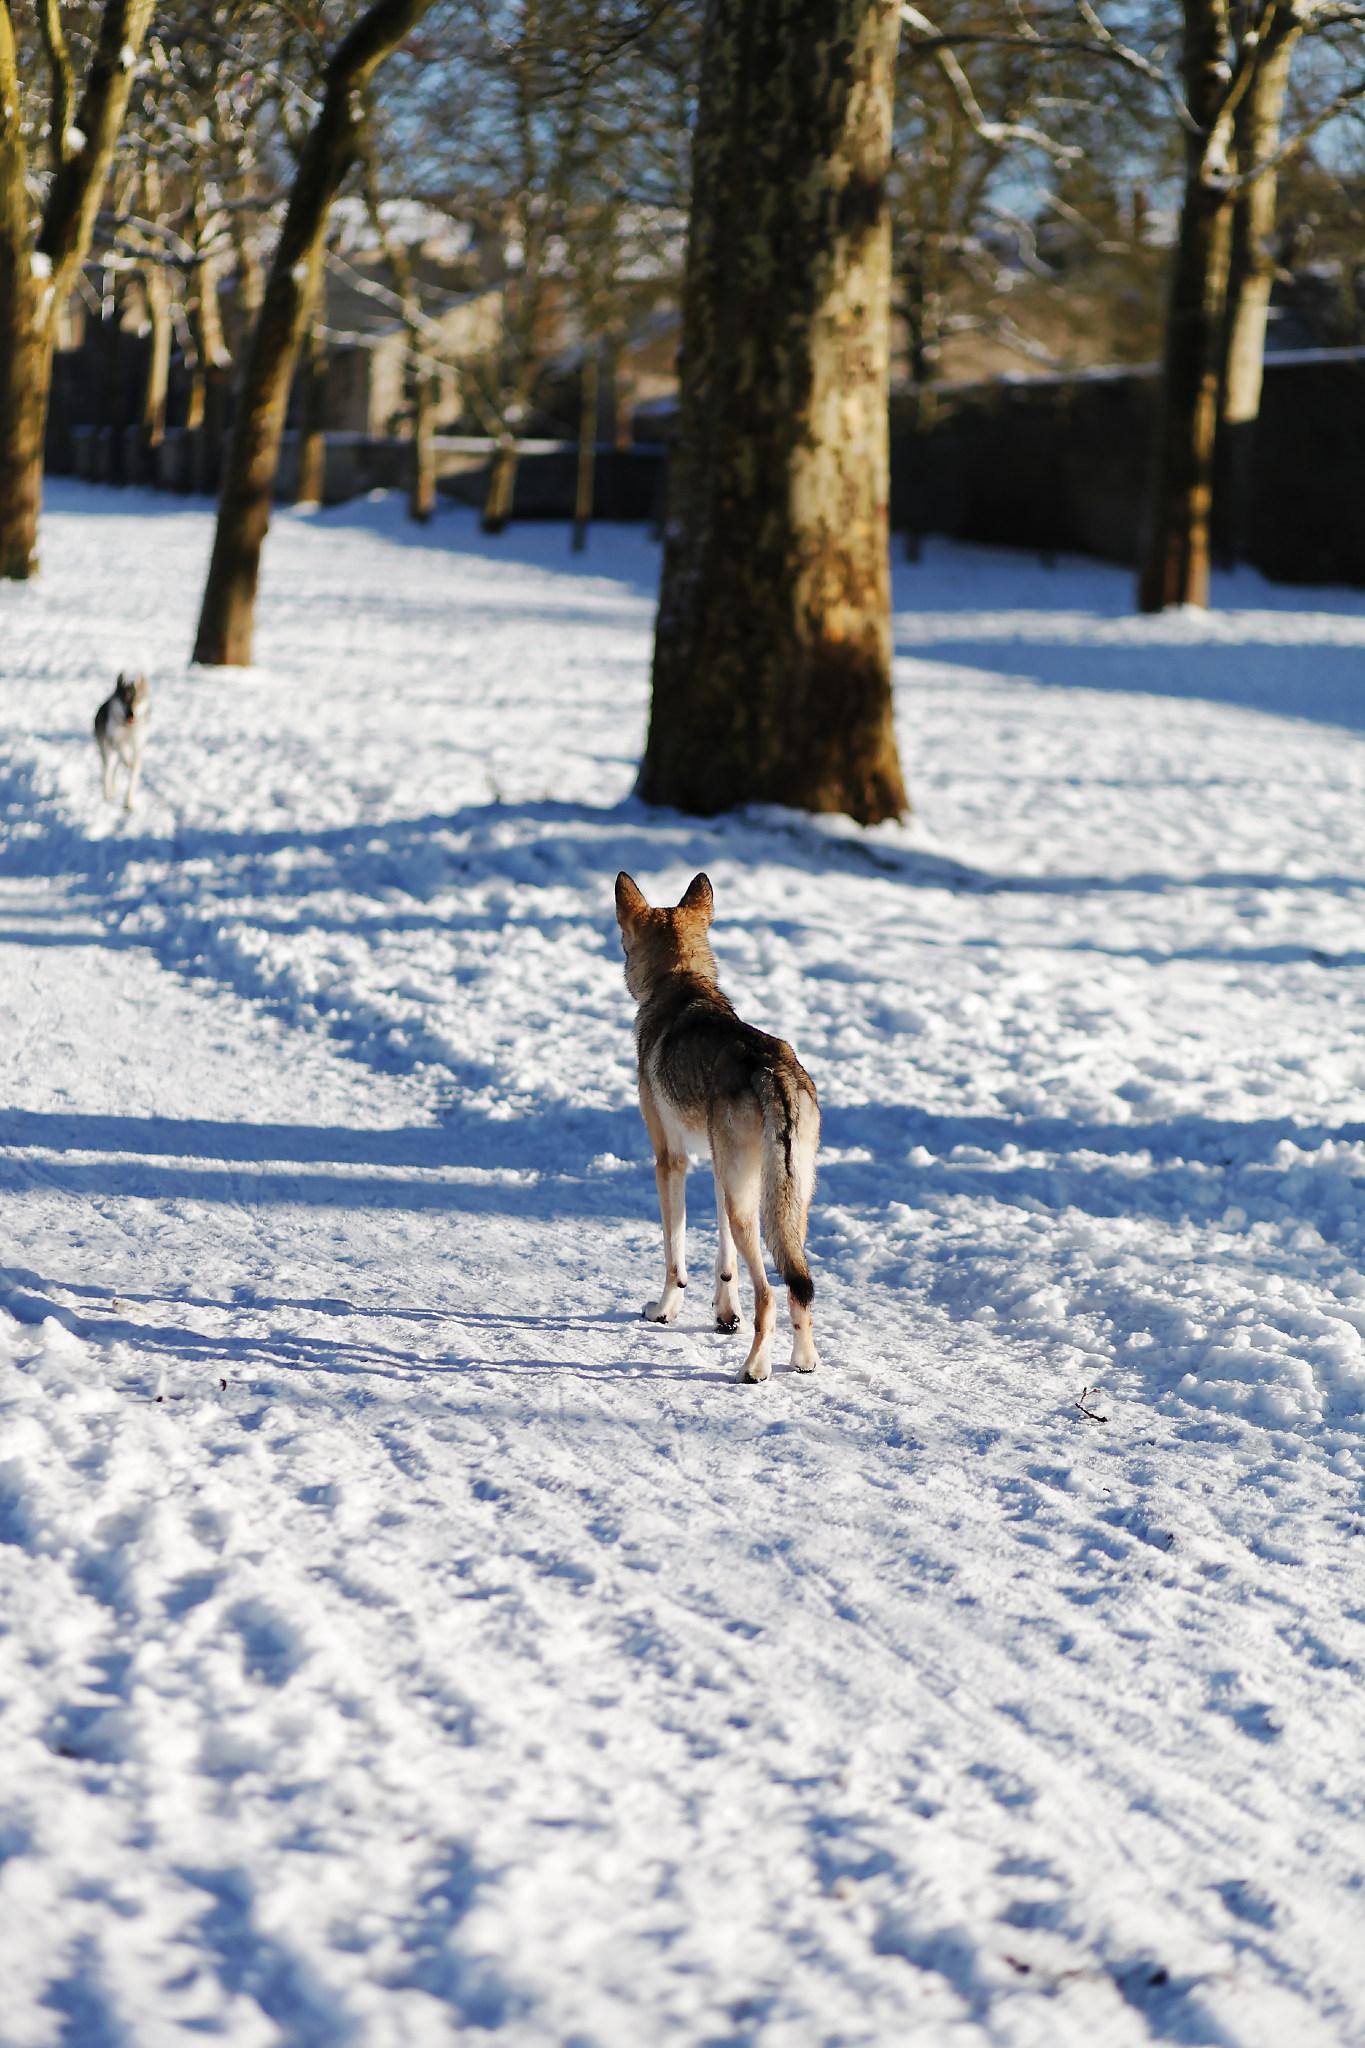 VERSAILLES SNOW LES INDISPENSABLES PARIS (4).jpg